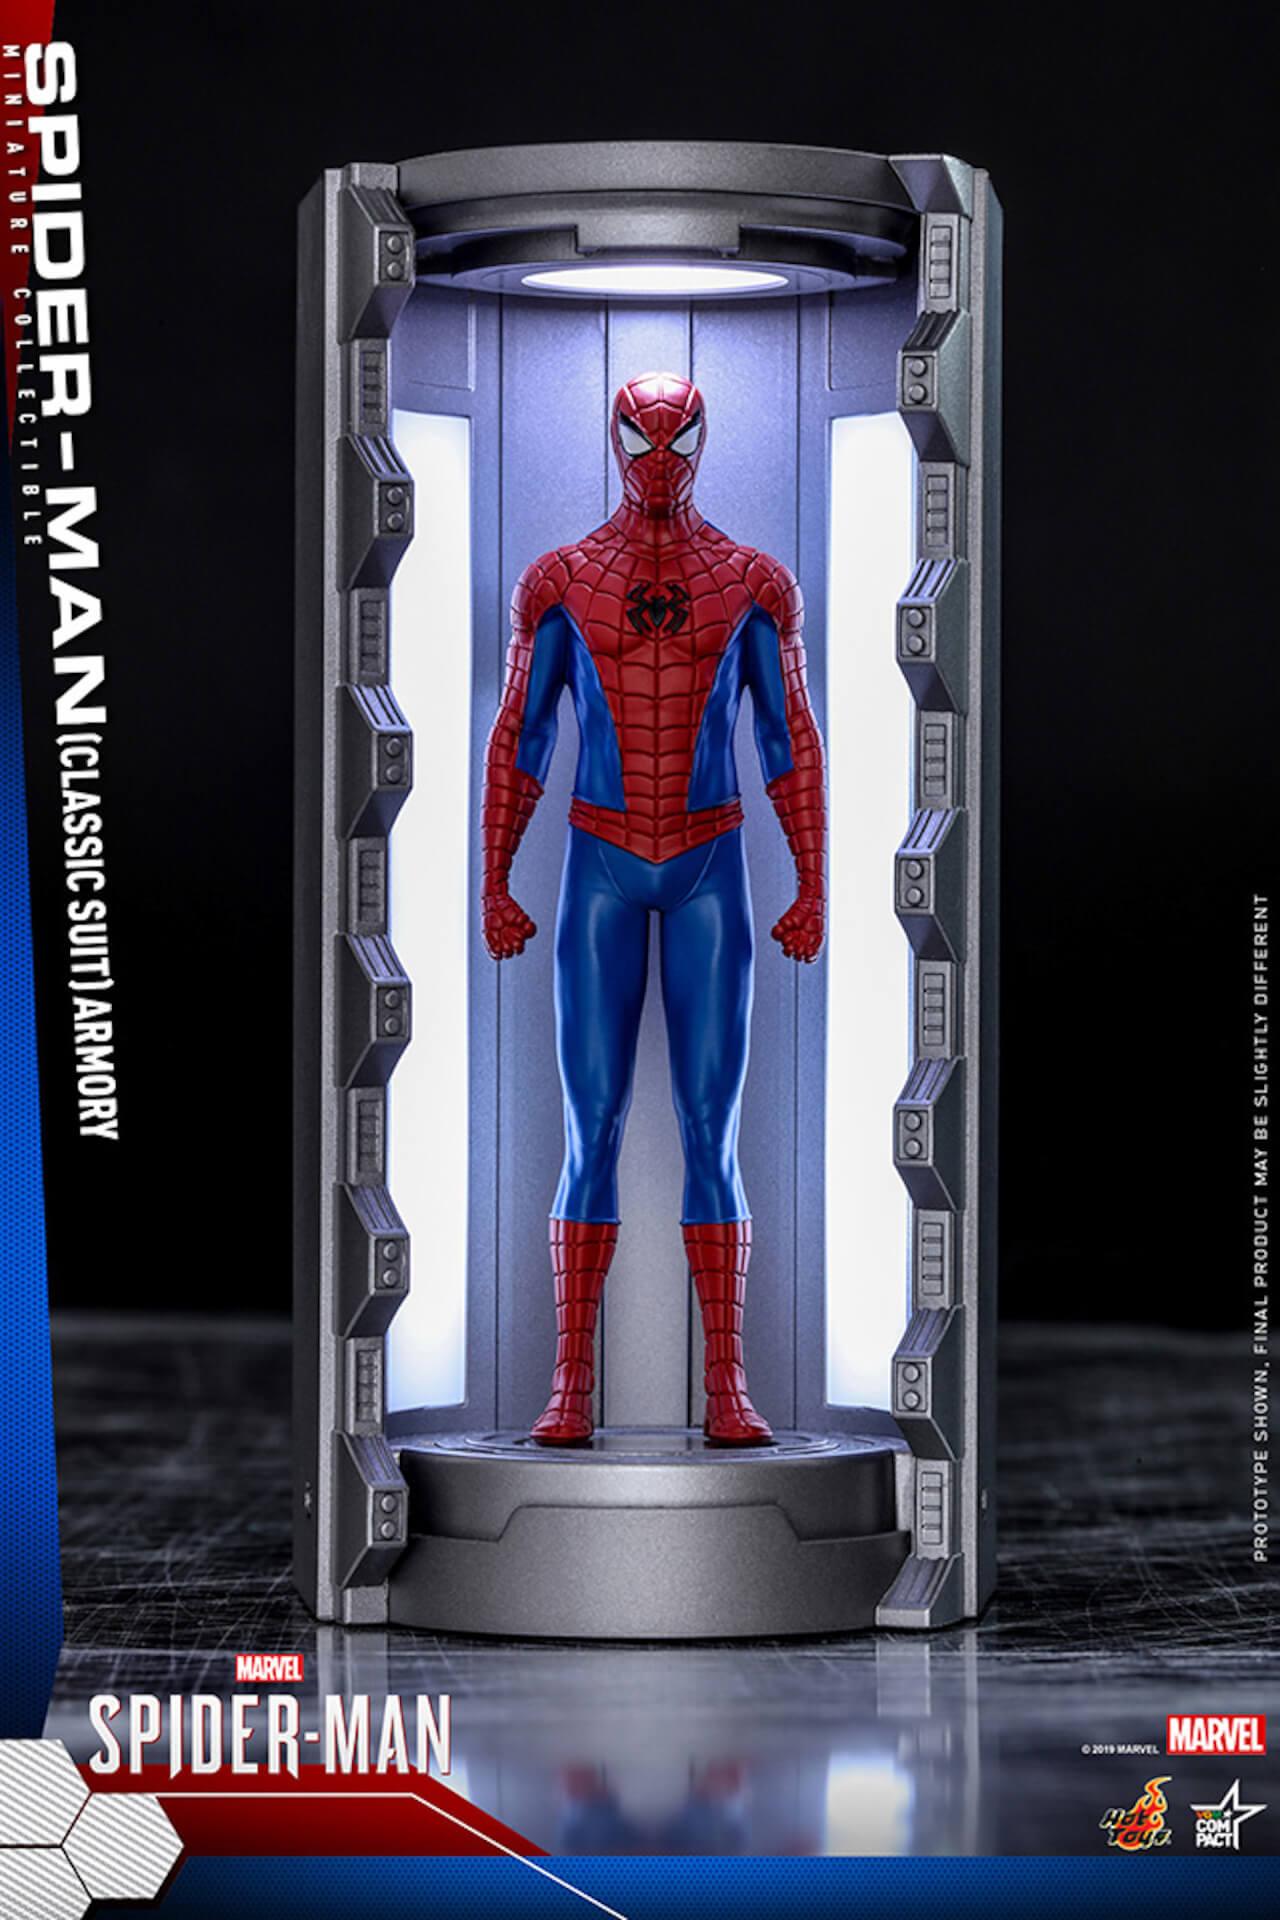 6つのスパイダーマン・スーツが勢ぞろい!大人気PS4用ゲームソフト『Marvel's Spider-Man』からミニチュア・フィギュアが登場 art200124_spiderman_hottoys_5